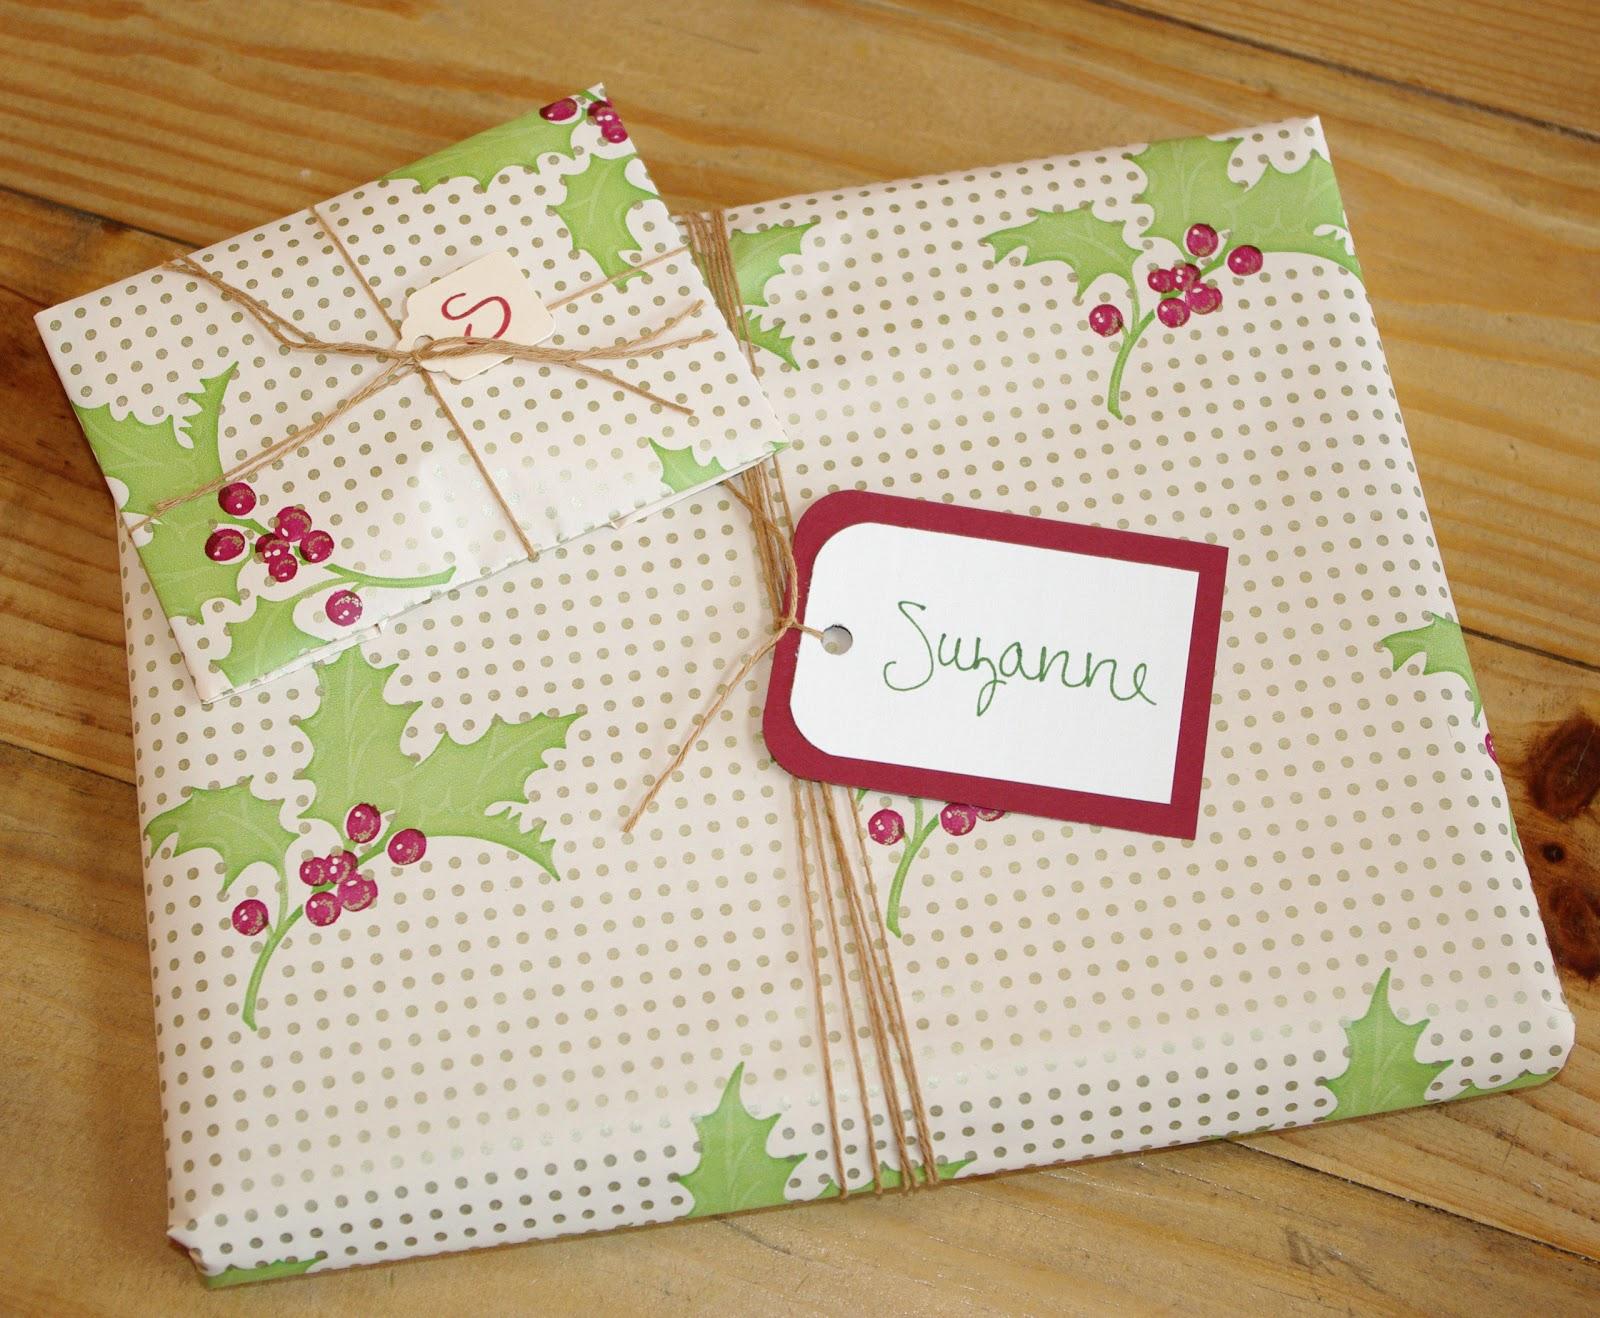 http://2.bp.blogspot.com/-tzkqDoMKrxw/TtaZW55gSwI/AAAAAAAAEqc/OQg30b1Md2I/s1600/gift2.jpg